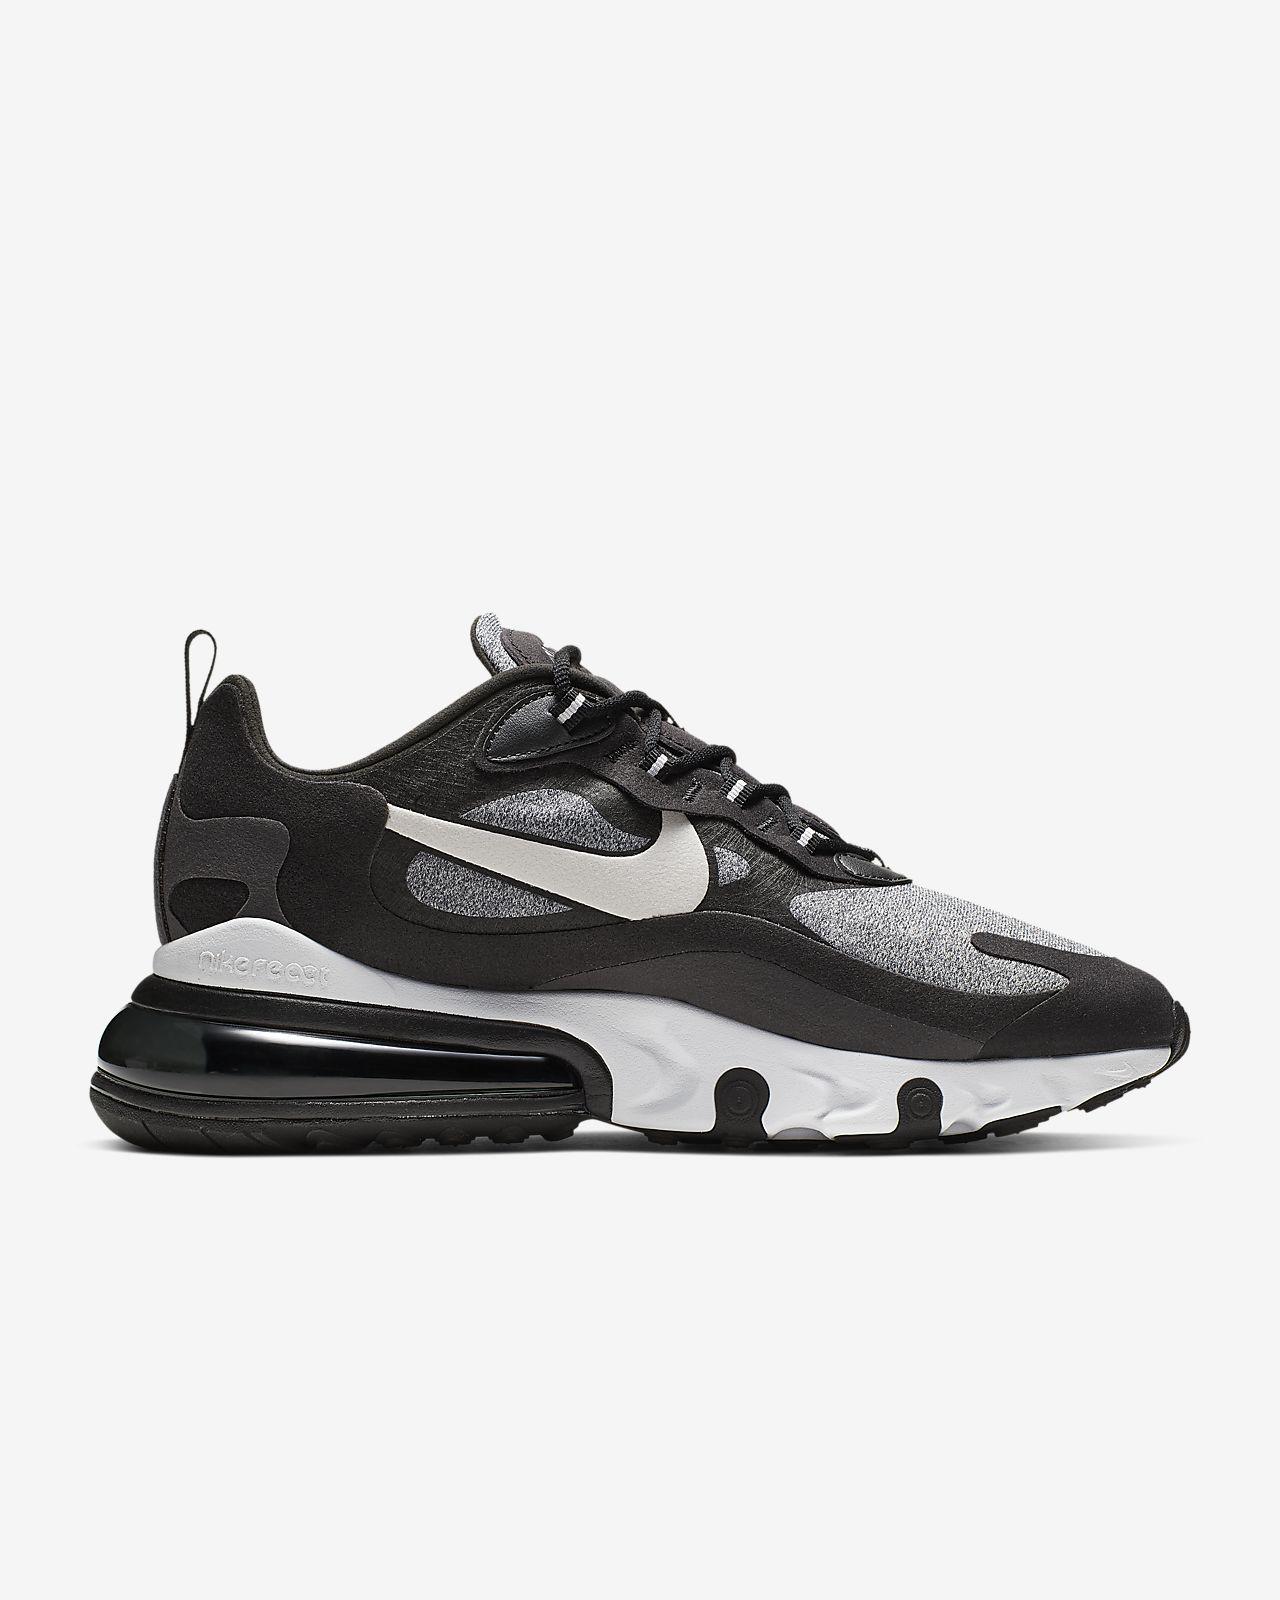 270 Shoes Air Reactop Max Nike ArtMen's vIbgyYf67m